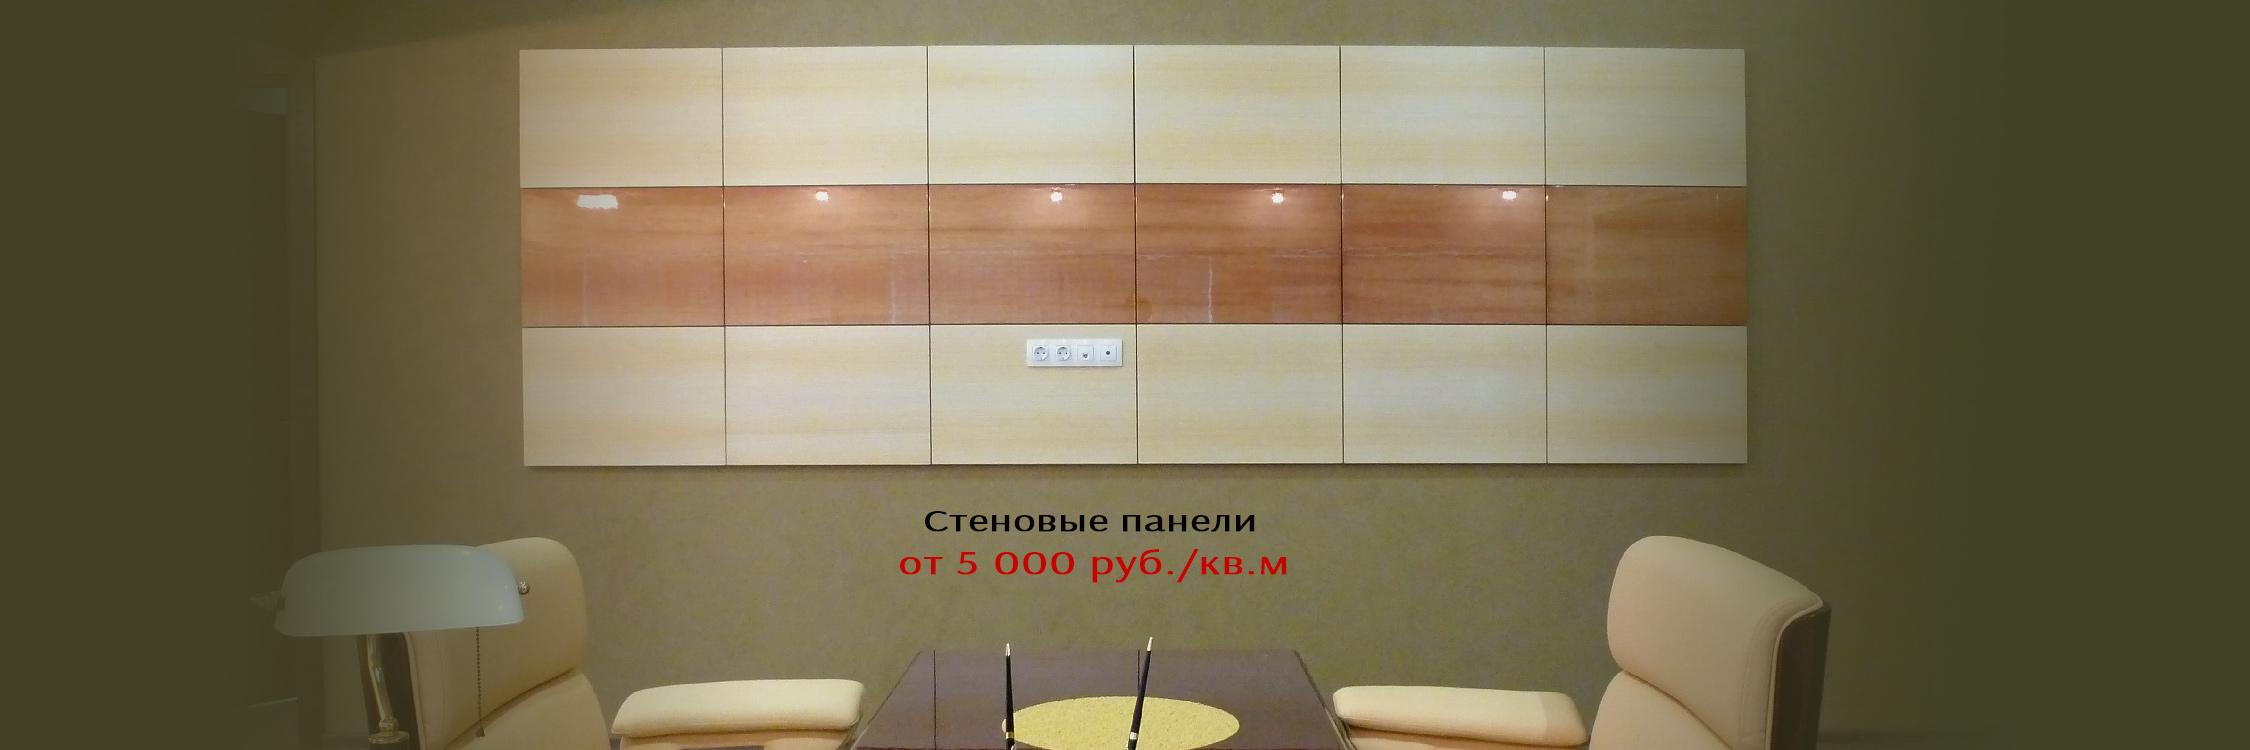 Стеновые панели для офиса